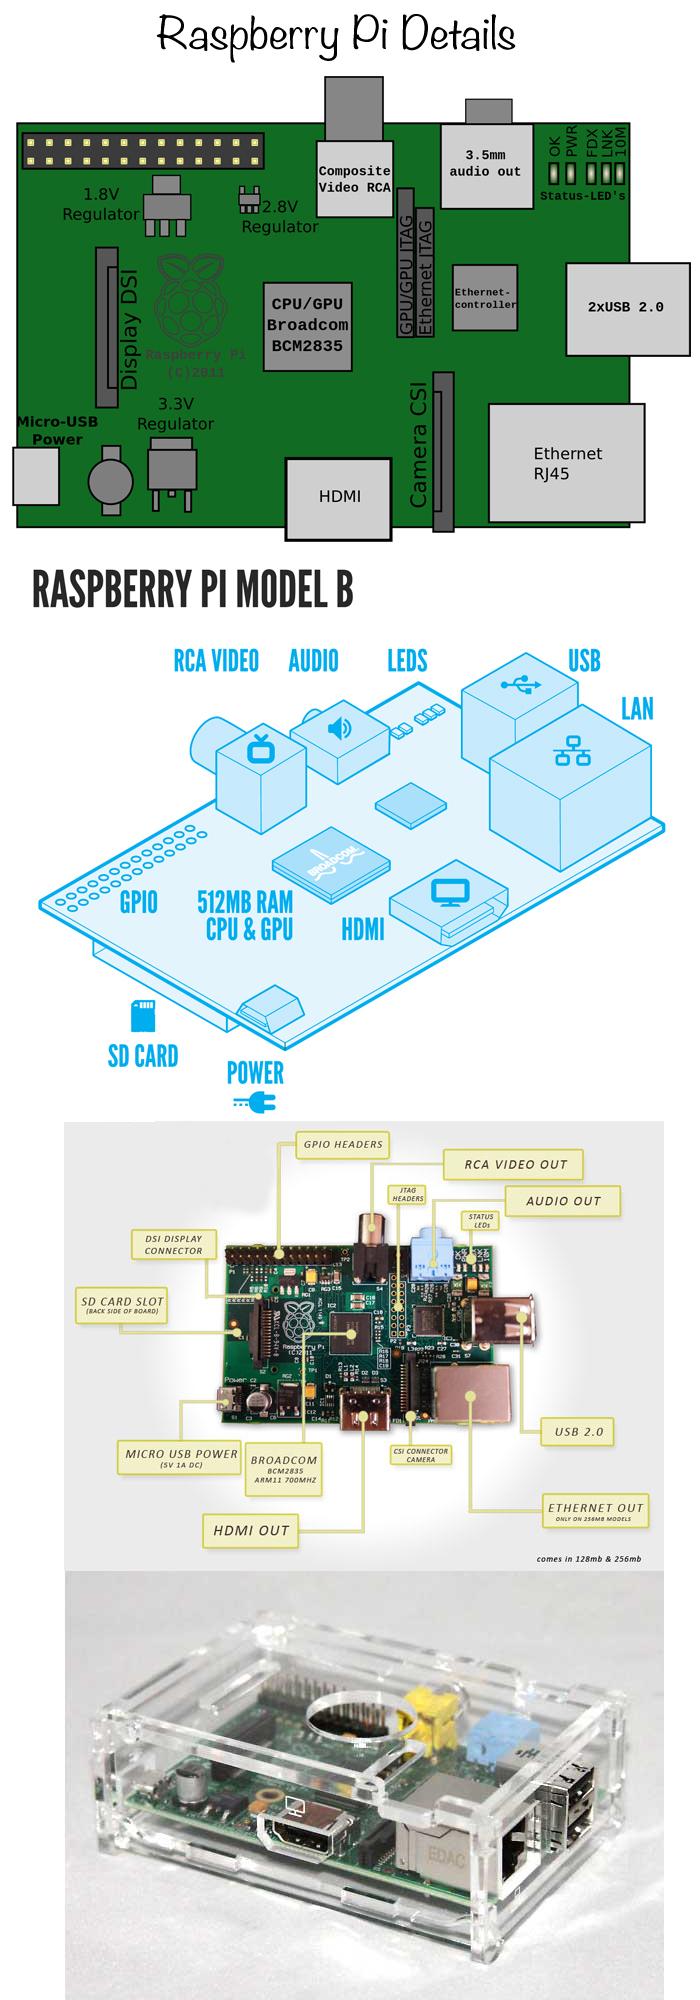 Raspberry-Pi-Details